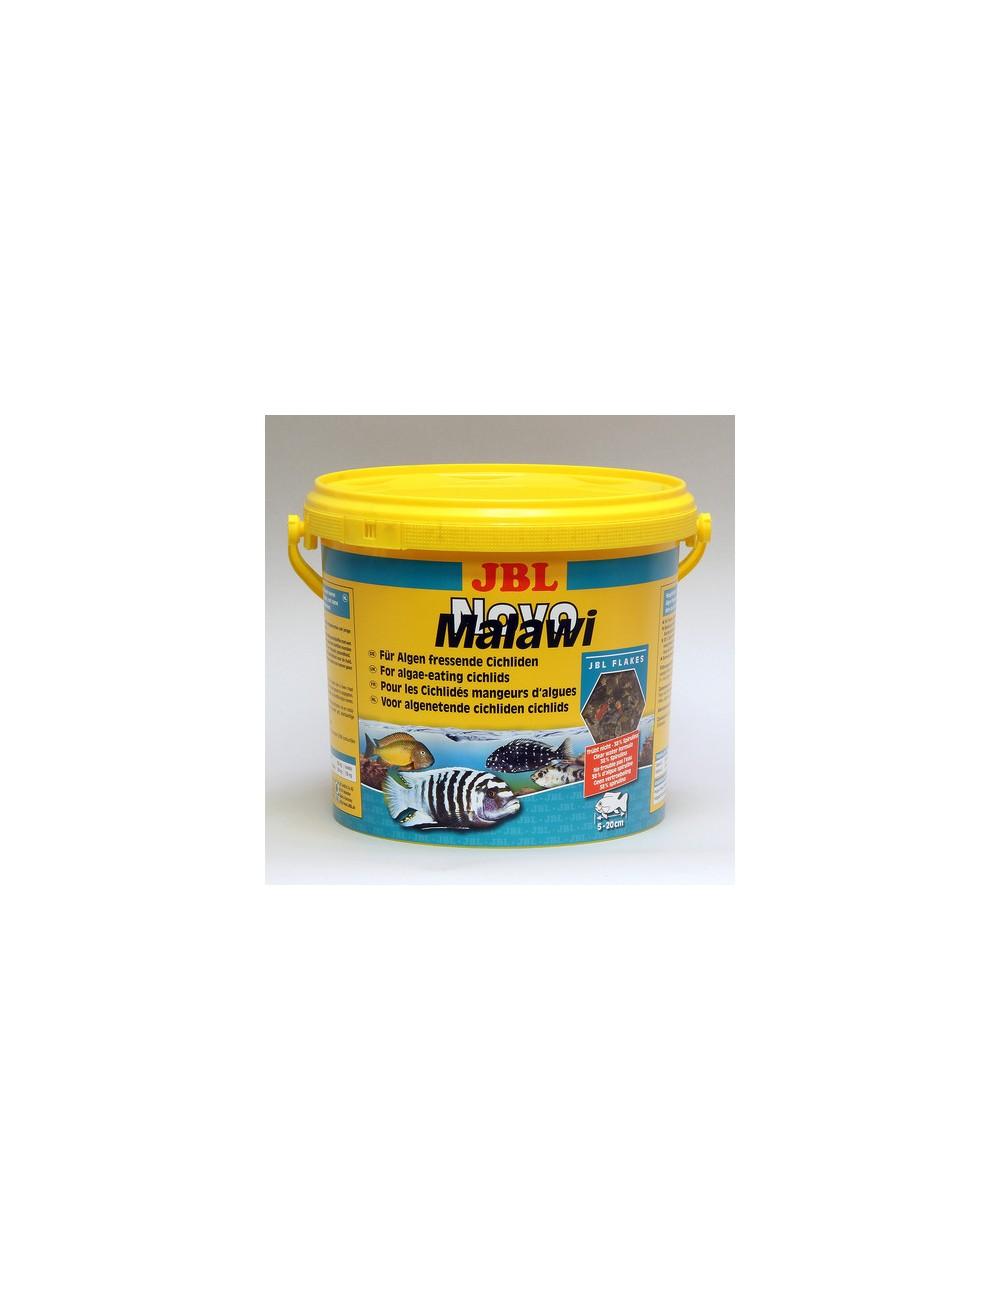 JBL - NovoMalawi - 5.5 l - Aliment de base en flocons pour Cichlidés algivores